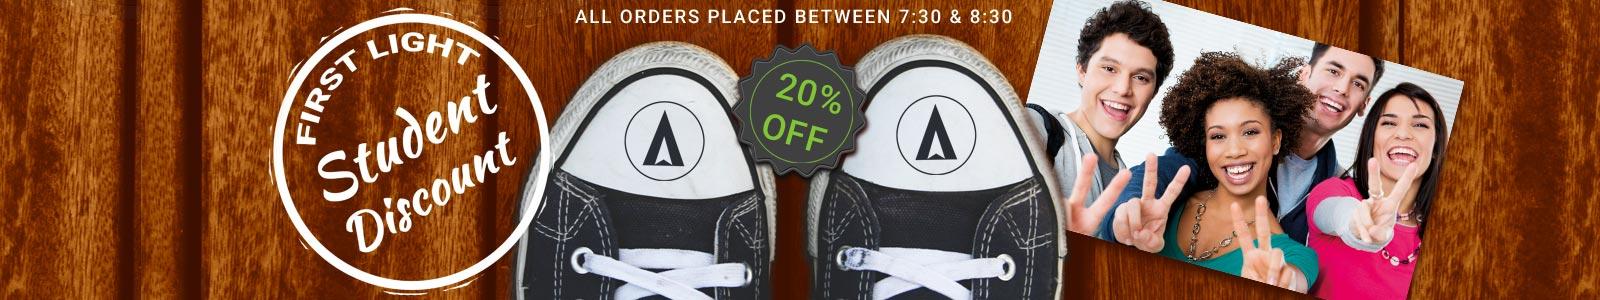 Wizardz First Light Student Discount